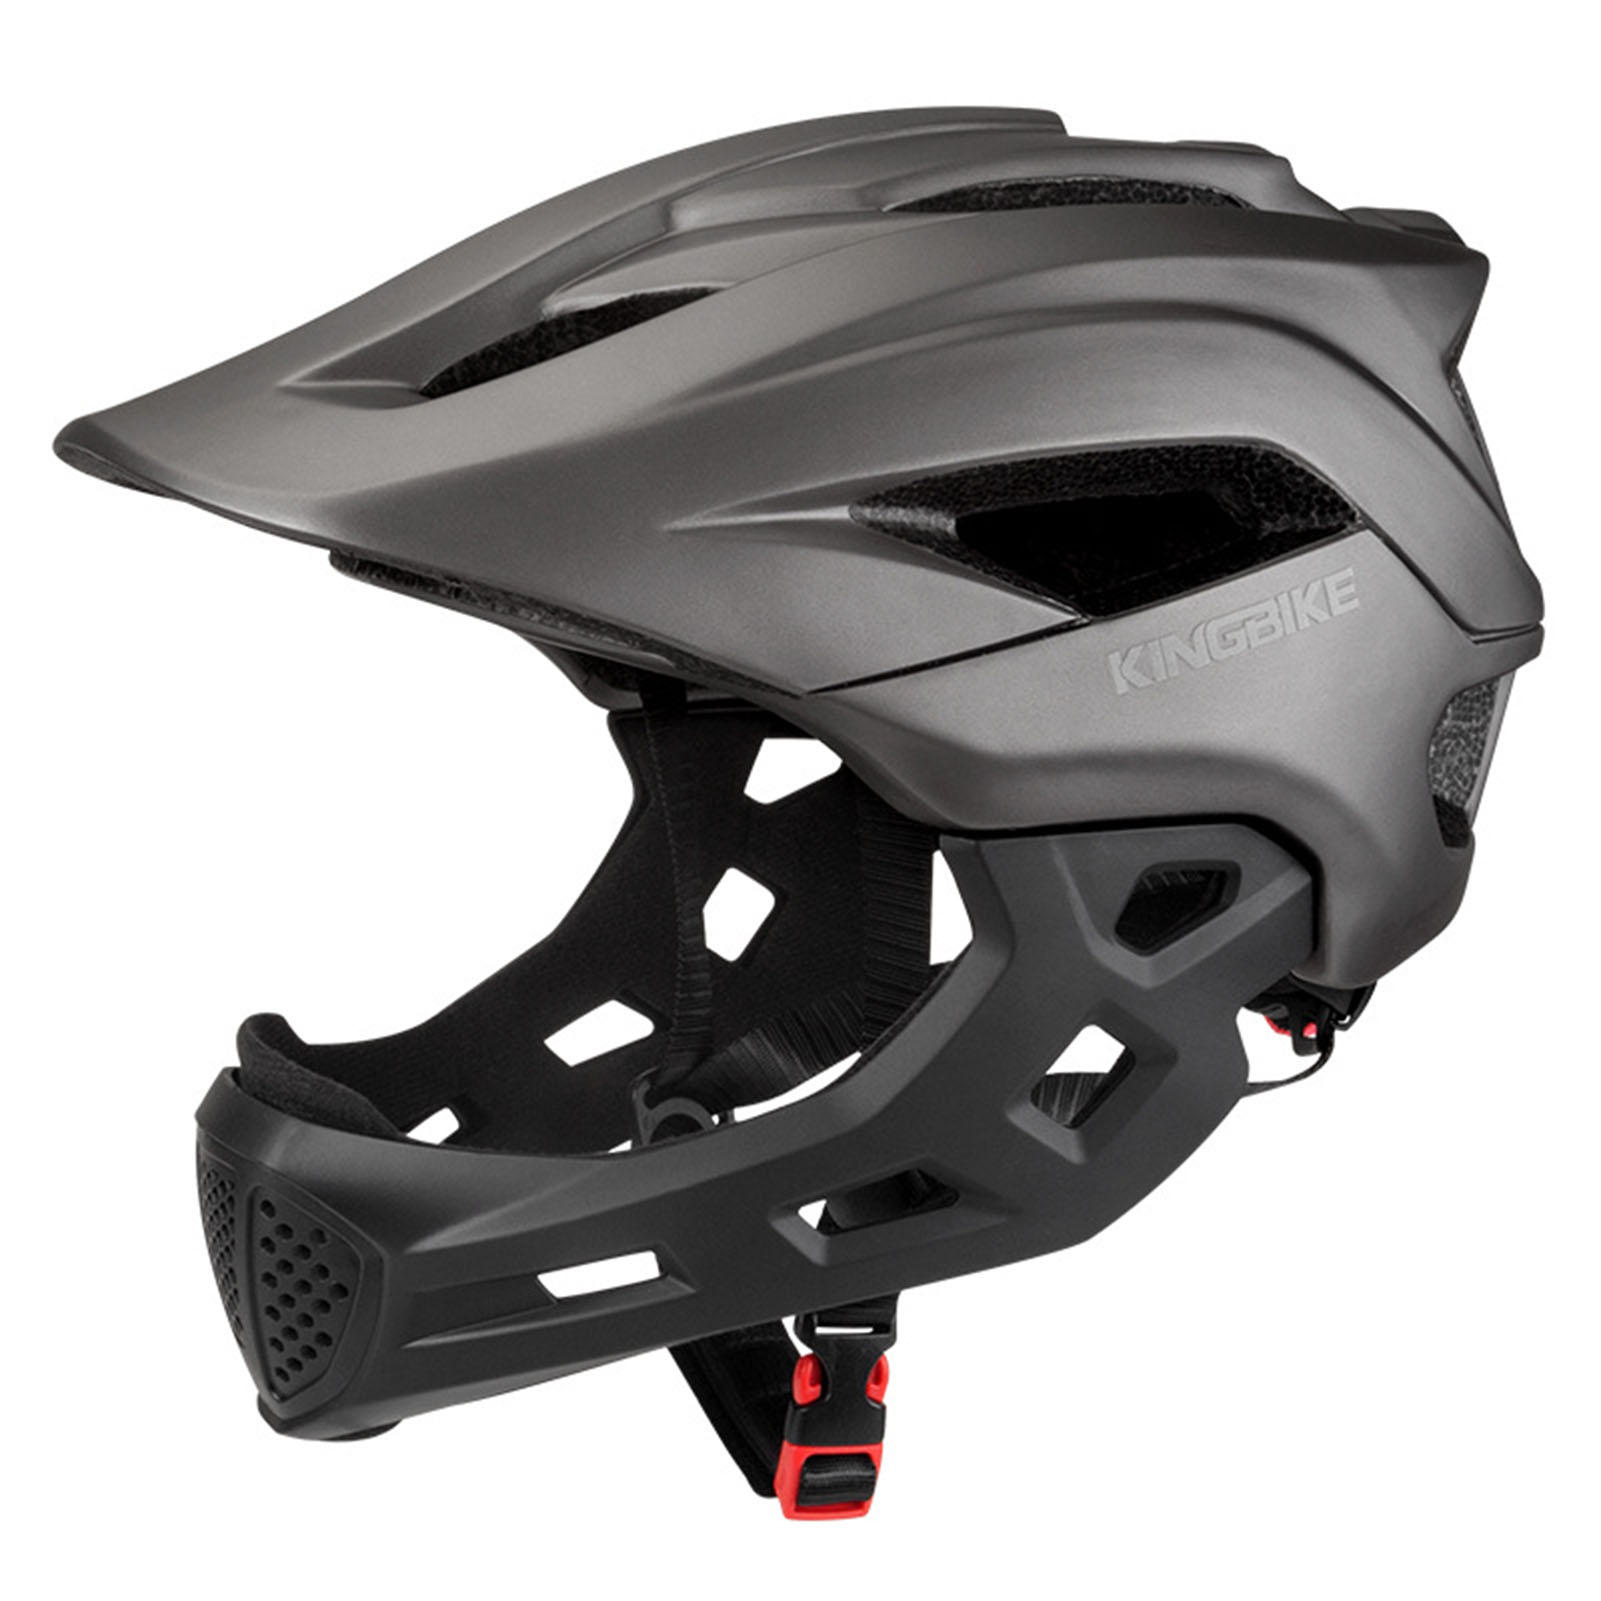 Motocicleta ultraligero en molde casco de ciclismo casco integral mtb casco bicicleta...